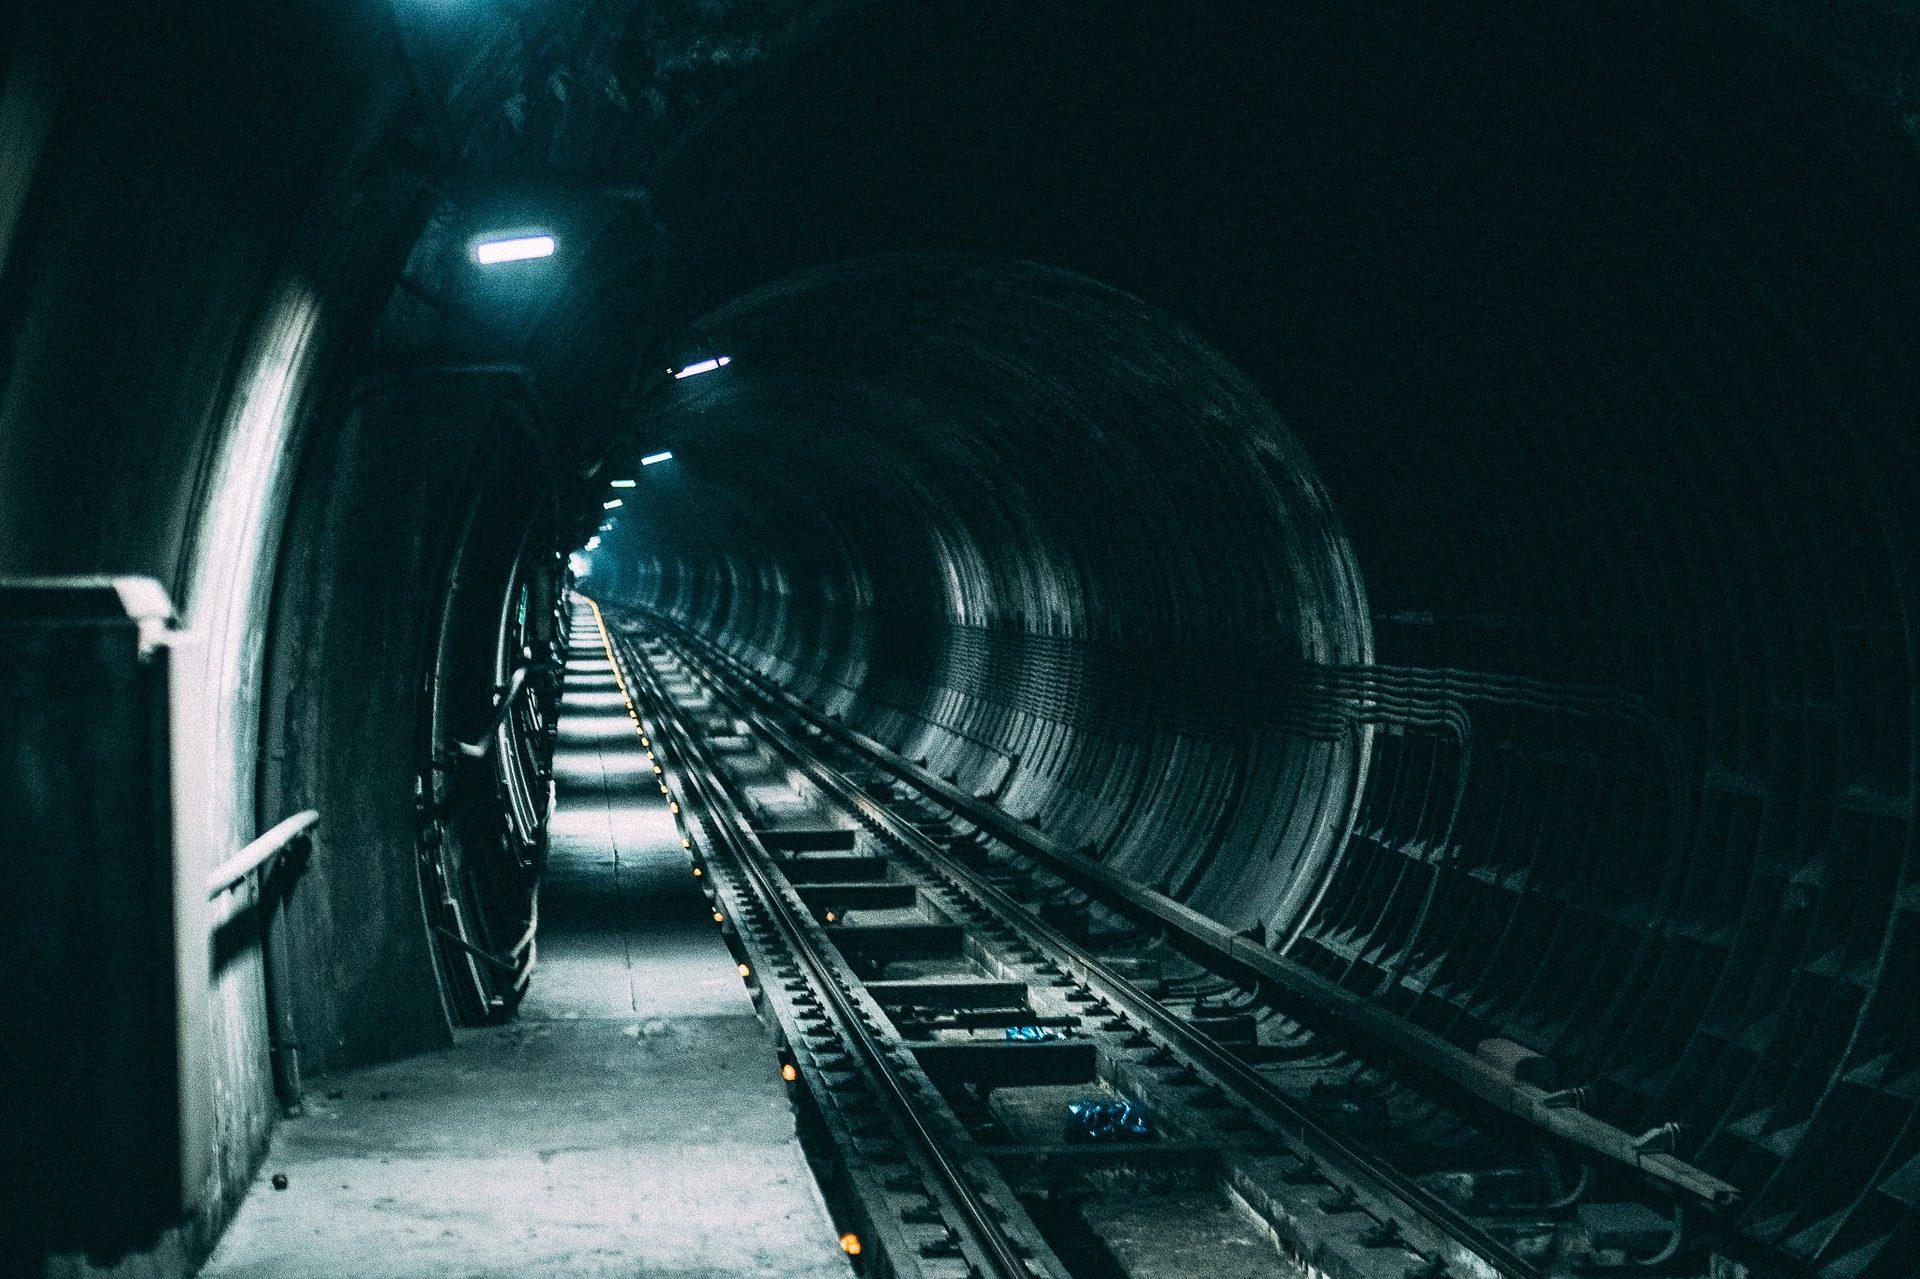 σήραγγα, Andén, μονοπάτια, Μετρό, σκοτάδι, φώτα - Wallpapers HD - Professor-falken.com